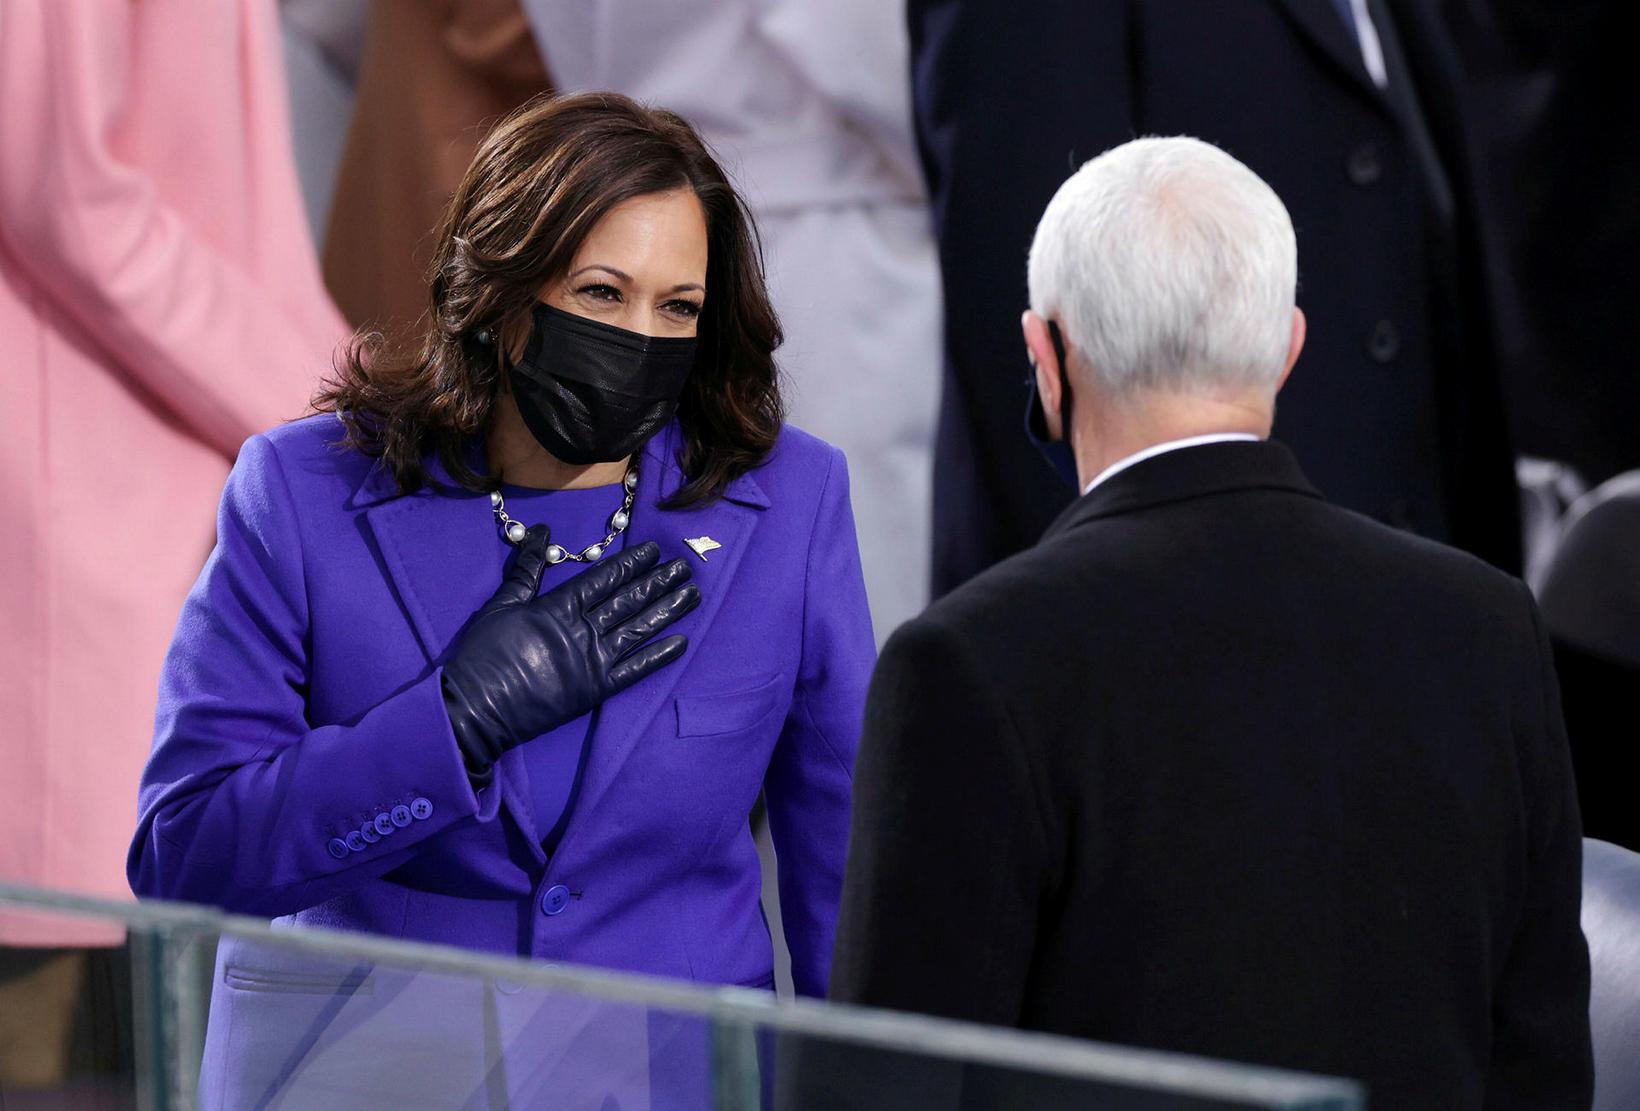 Kamala Harris heilsar fyrirrennara sínum í embætti, Mike Pence.